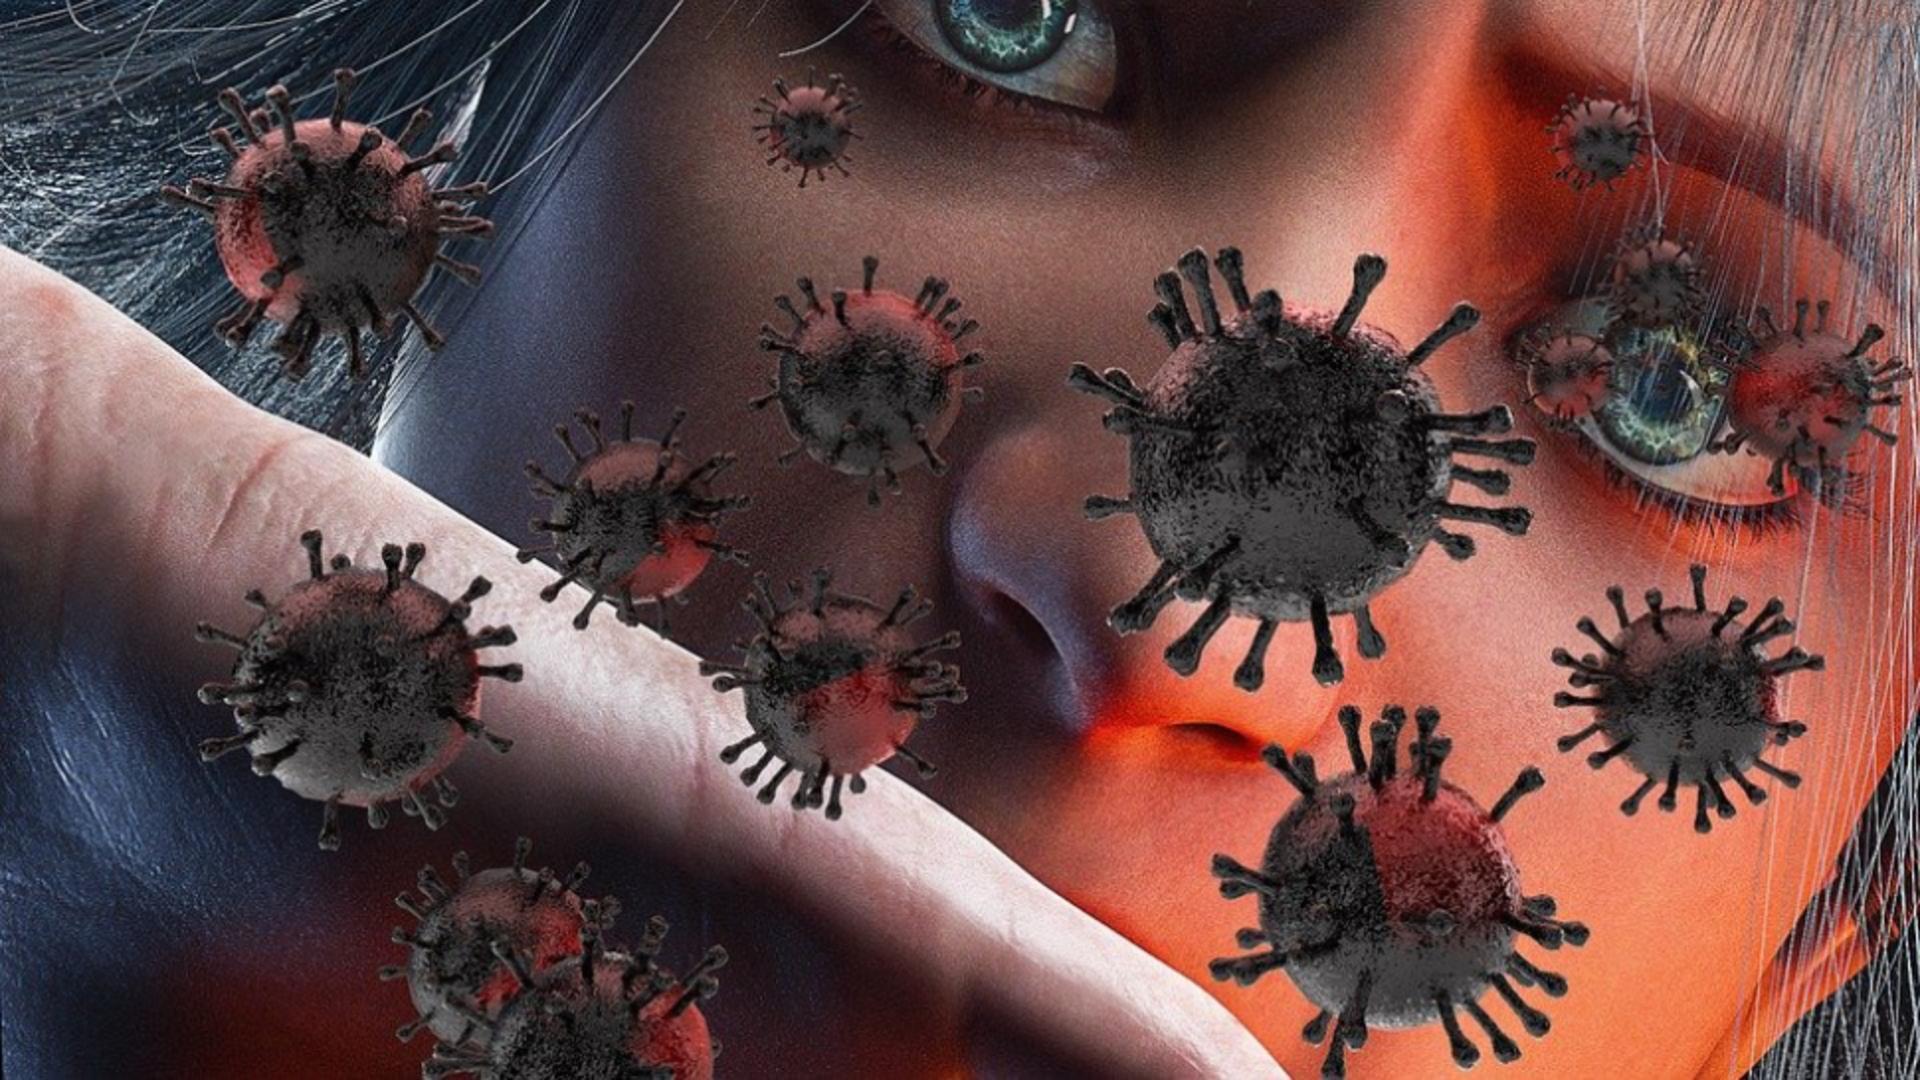 Simptomele neurologice cresc de 6 ori RISCUL de a muri după COVID-19 - Care sunt principalele semne